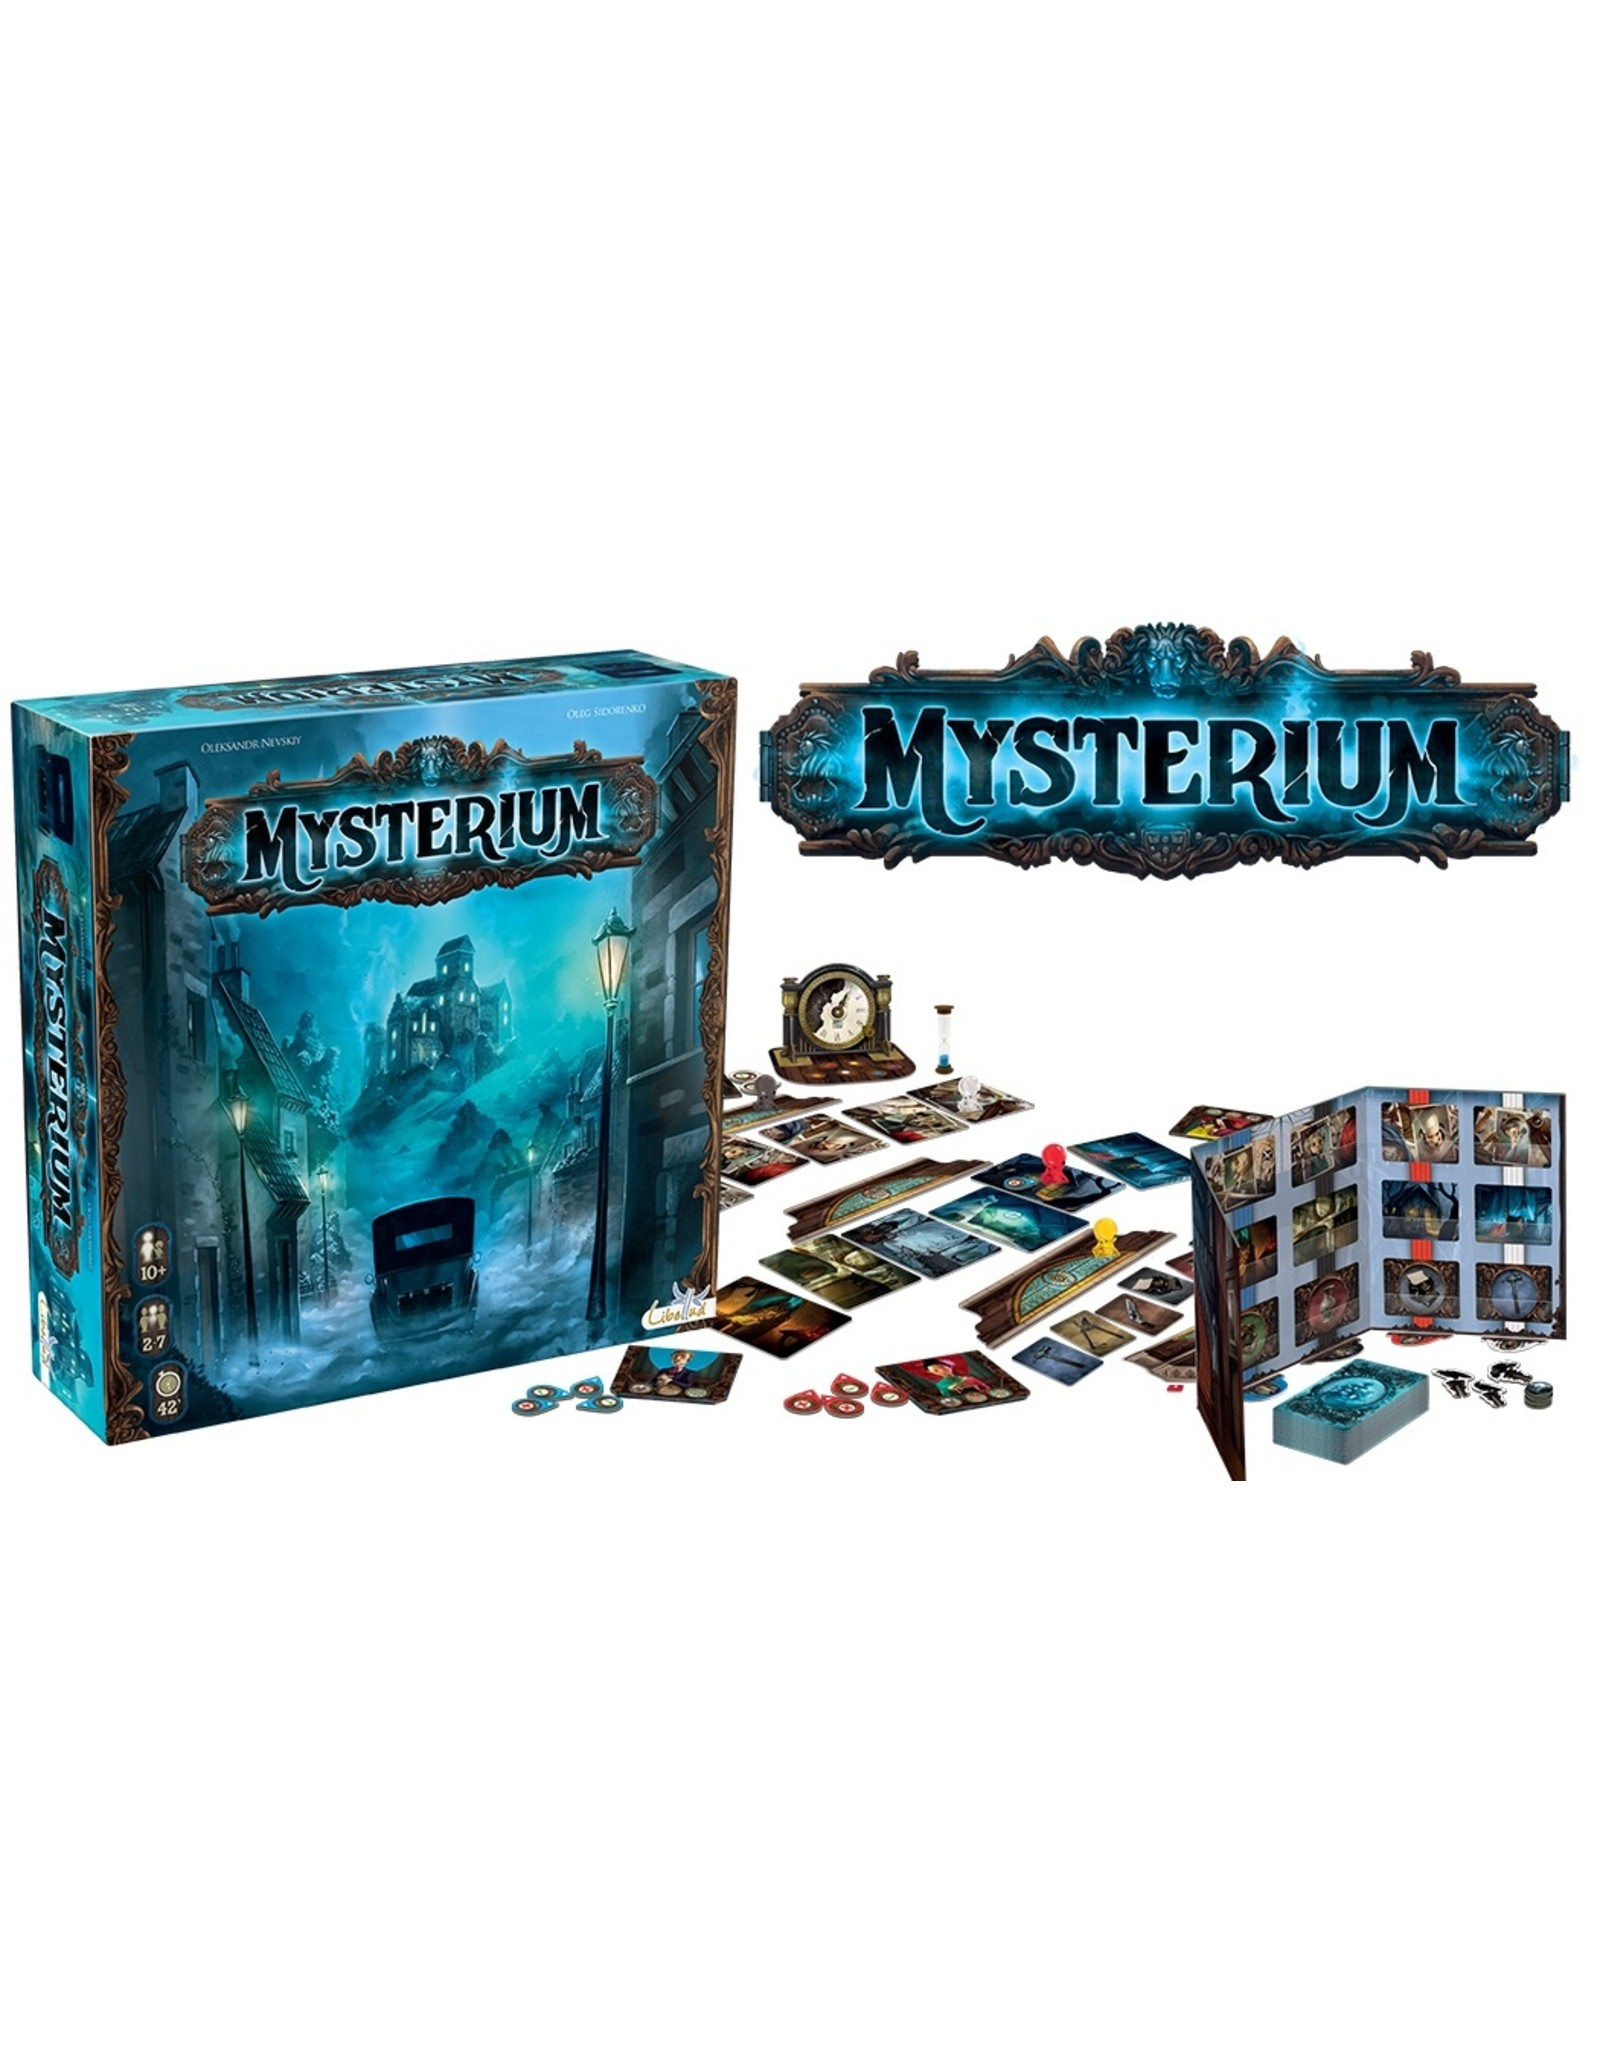 Mysterium  - Spannend en geheimzinnig bordspel Engelstalige versie